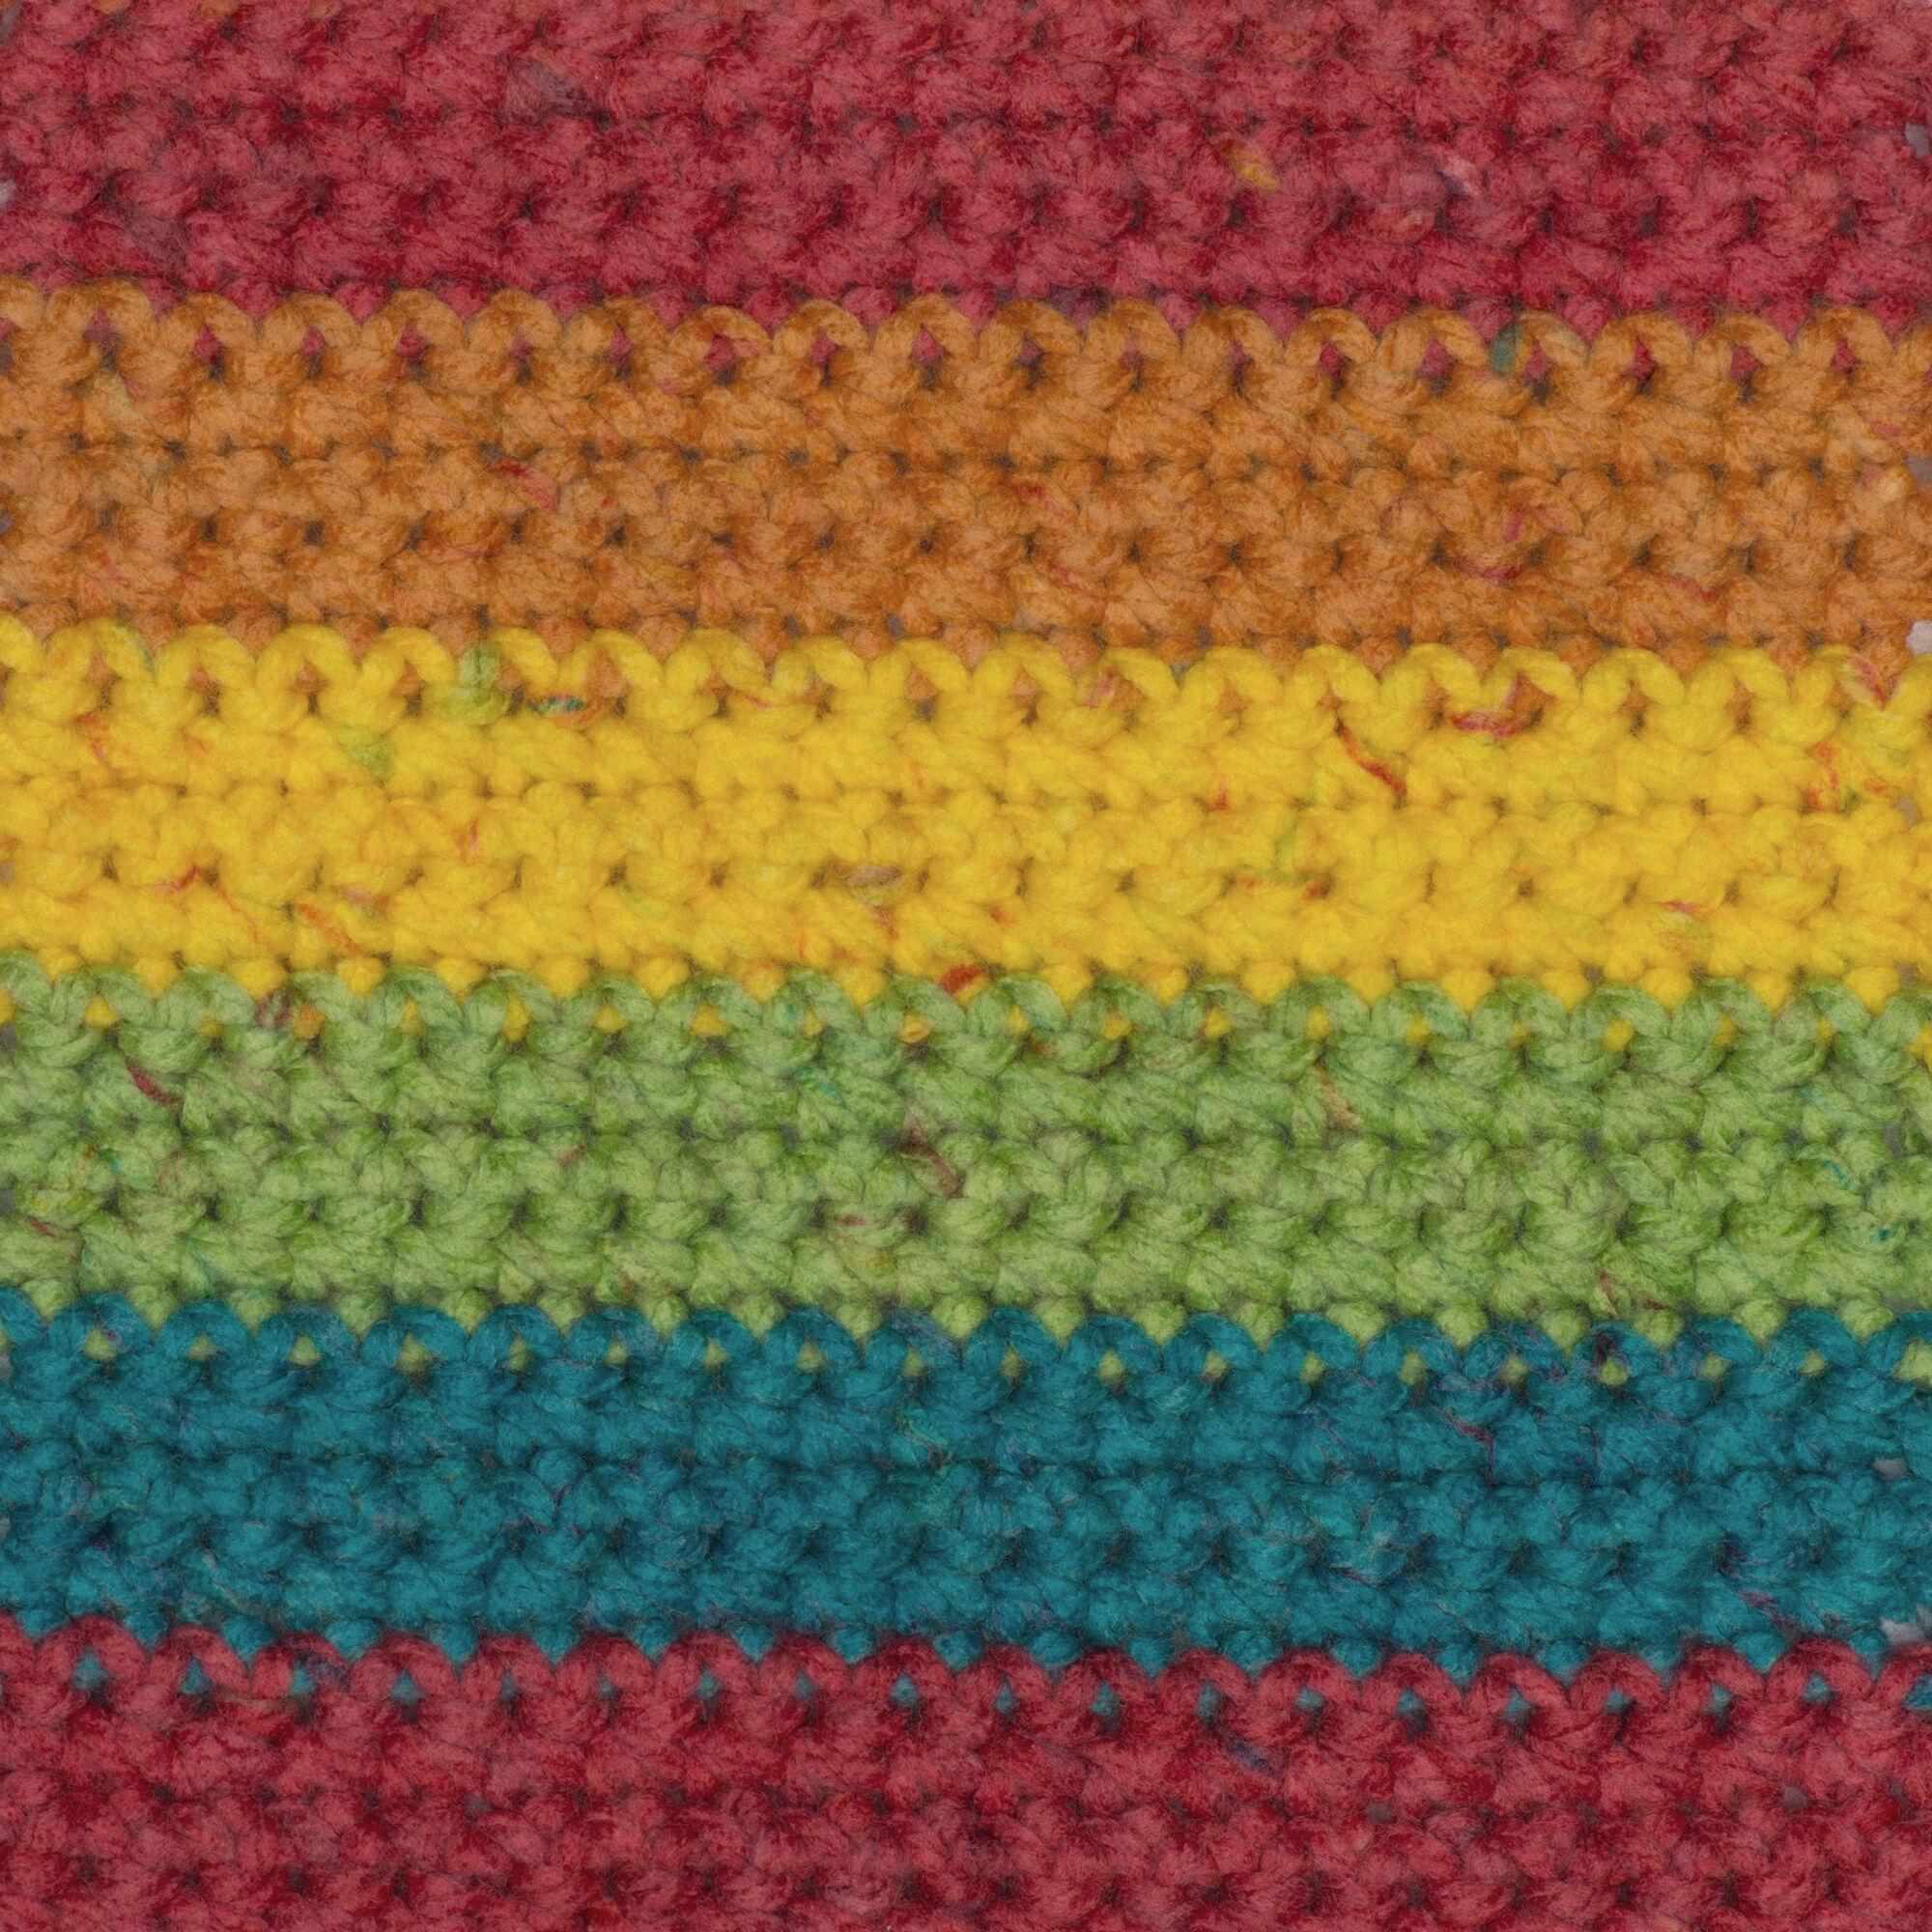 Macram\u00e9 Cord Knitting 3.5 oz Birthday Cake Multicolor Ice Cream Yarn Crocheting Acrylic Yarn Thread Twine; 394 yd